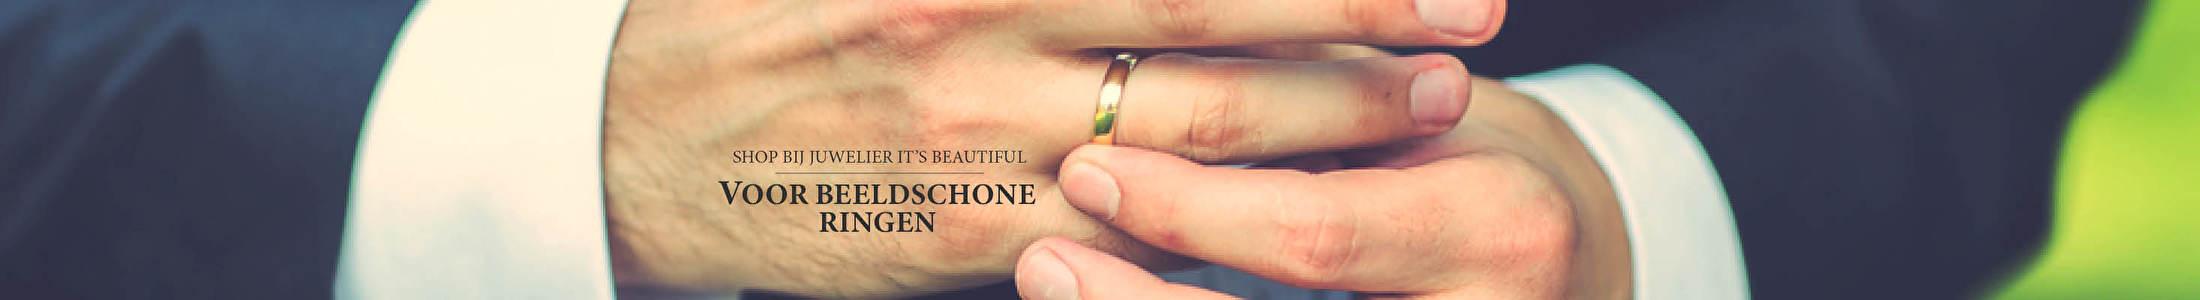 Shop bij juwelier It's Beautiful voor beeldschone ringen